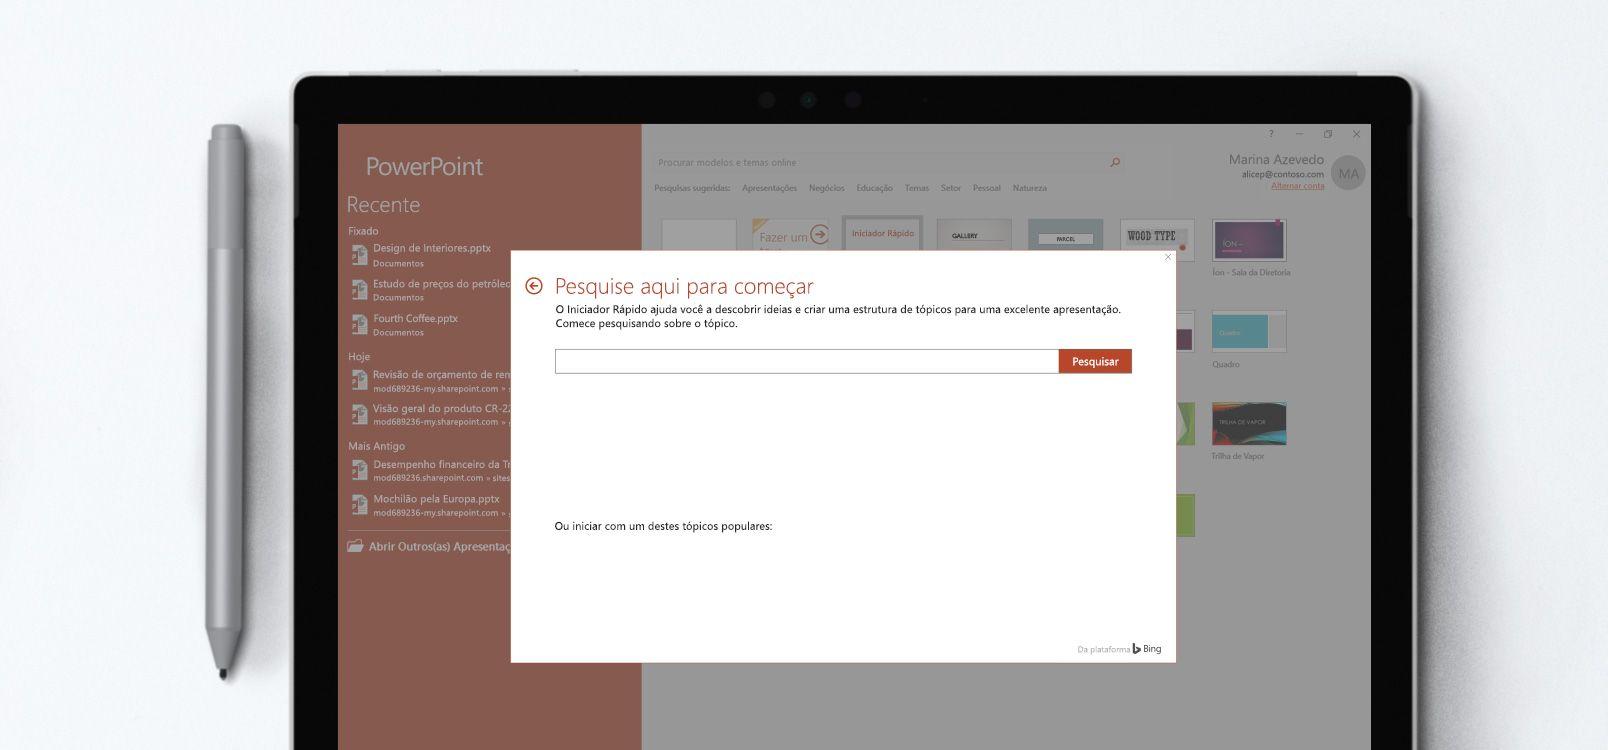 Tela de um tablet mostrando um documento do PowerPoint usando o recurso Quickstarter